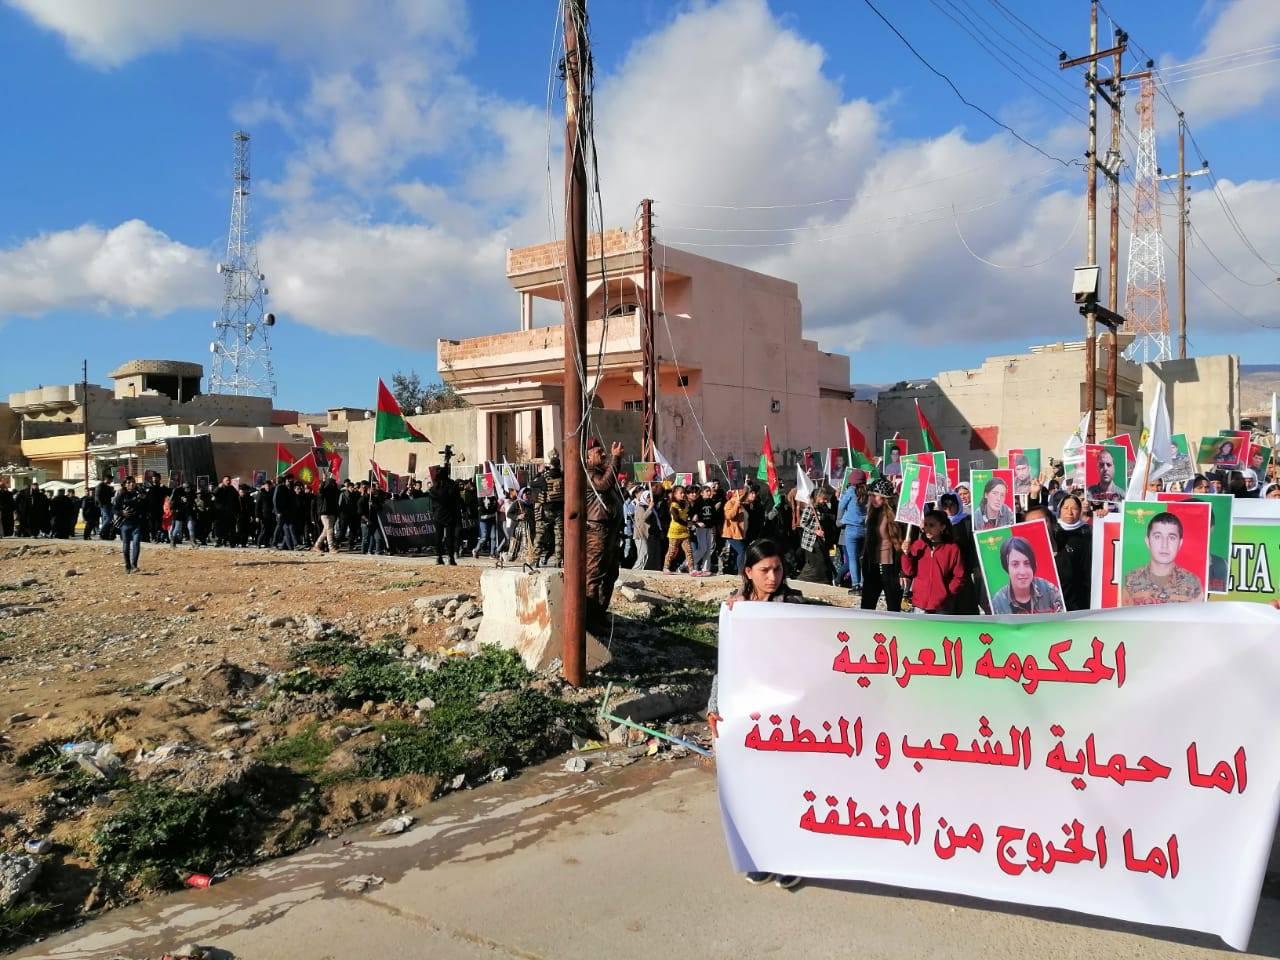 تظاهرة غاضبة تصوب شمالاً: اطردوا القوات التركية من العراق (صور)